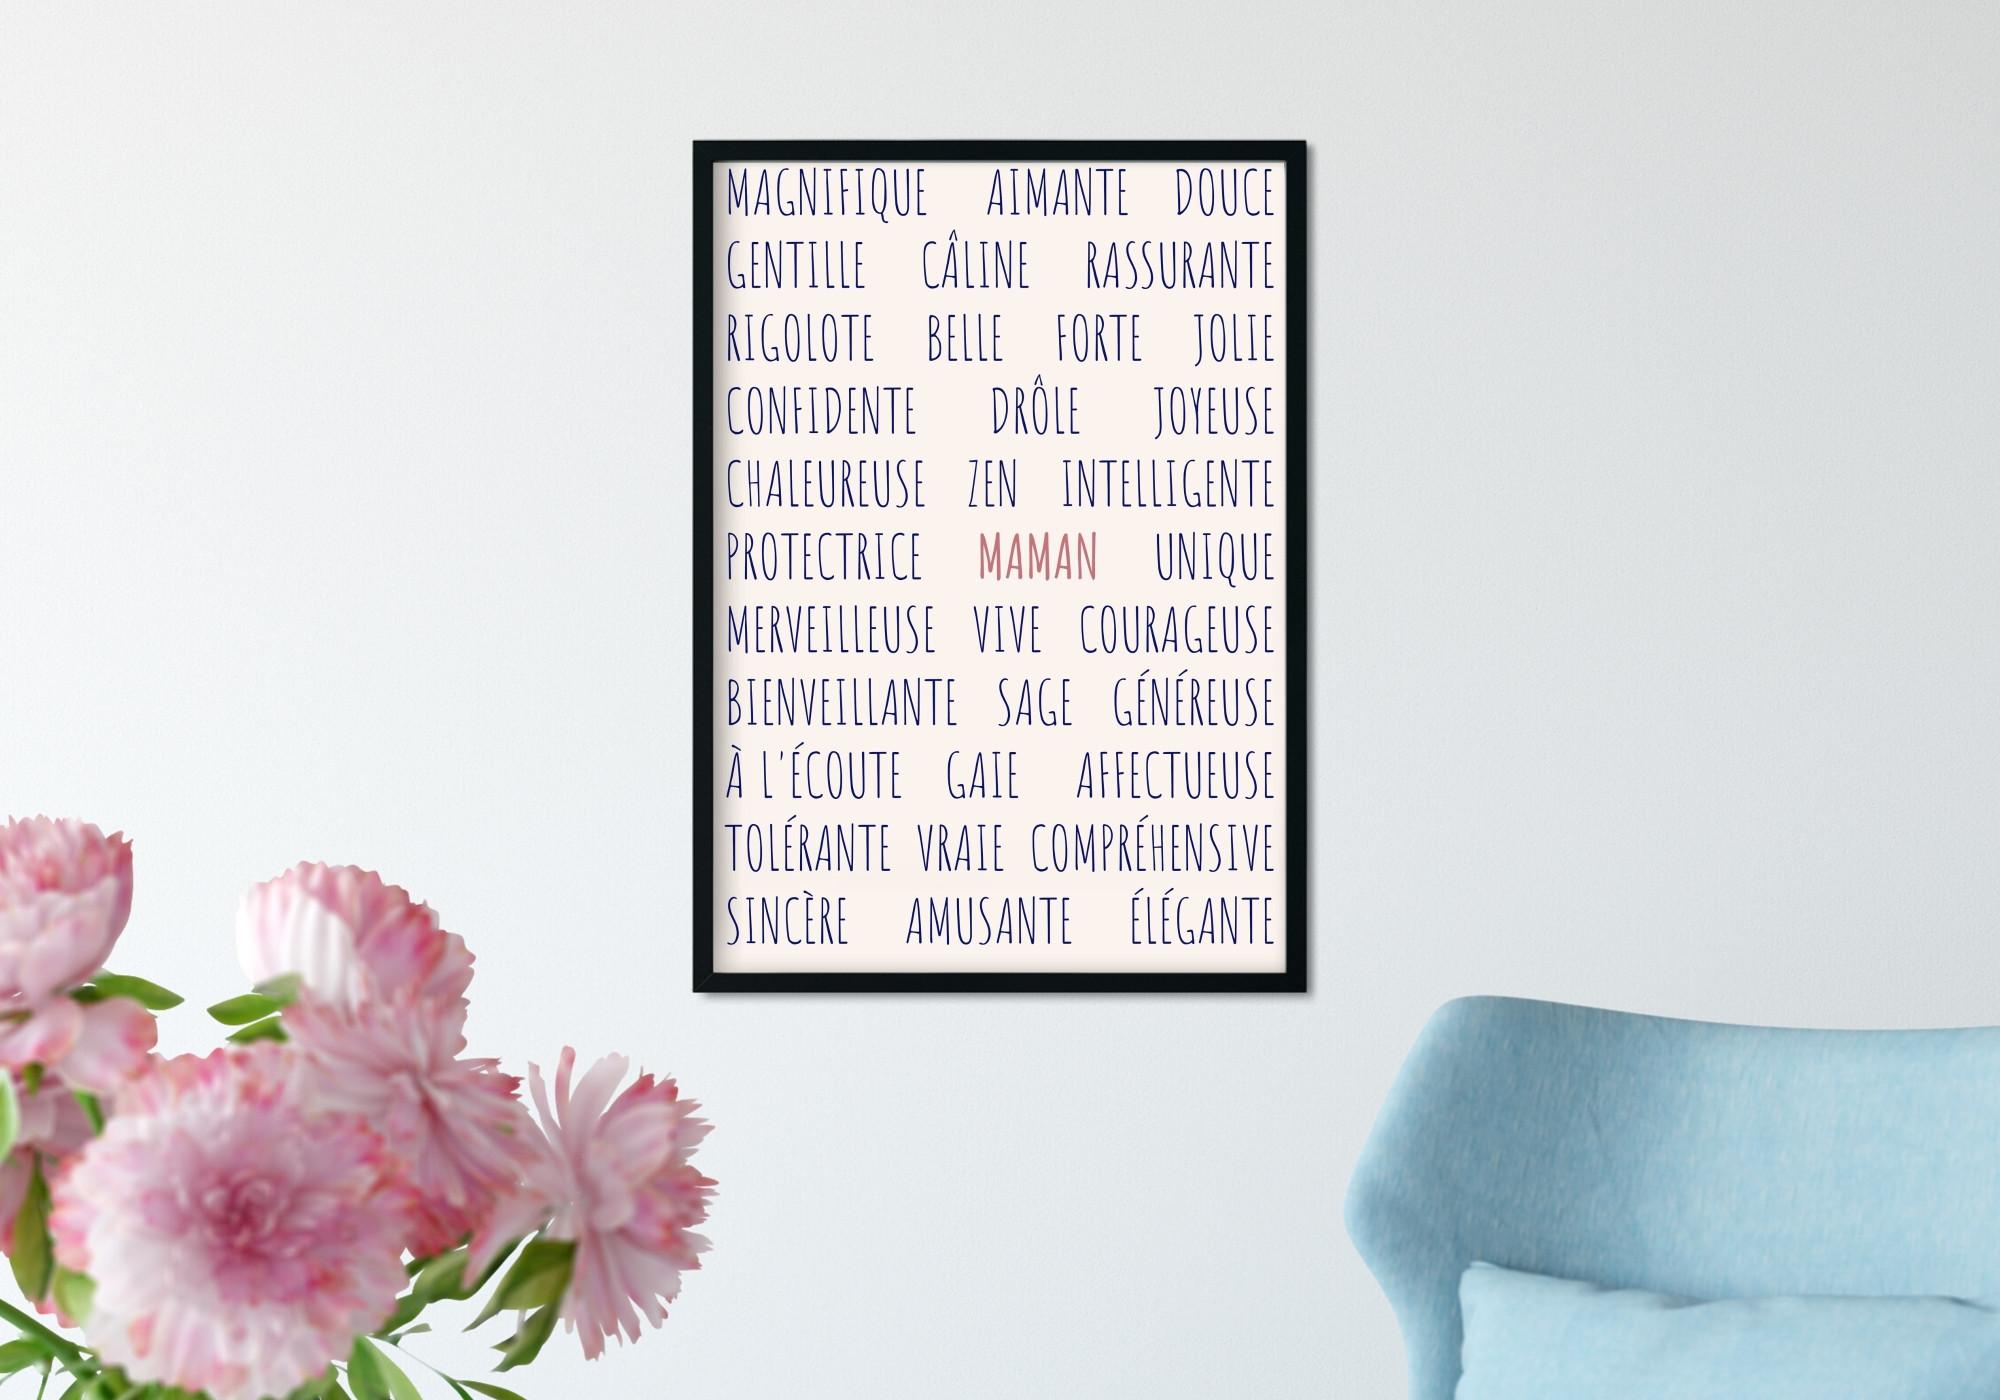 Poster fête des meres avec les adjectifs d'une maman.